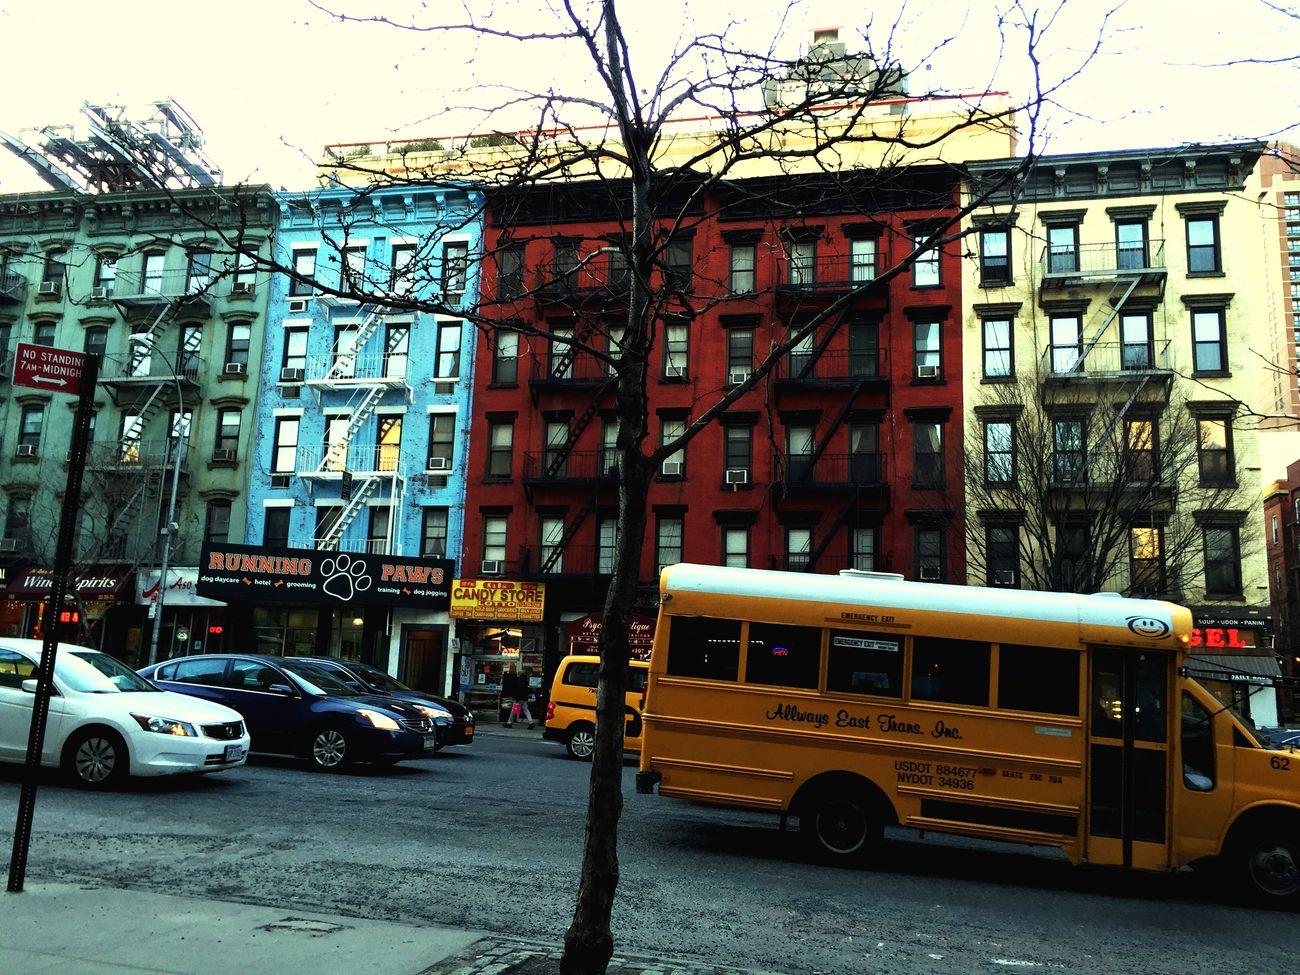 Urban Landscape New Yorka:uppereastside]side Village Life Upper East Side Manhattan